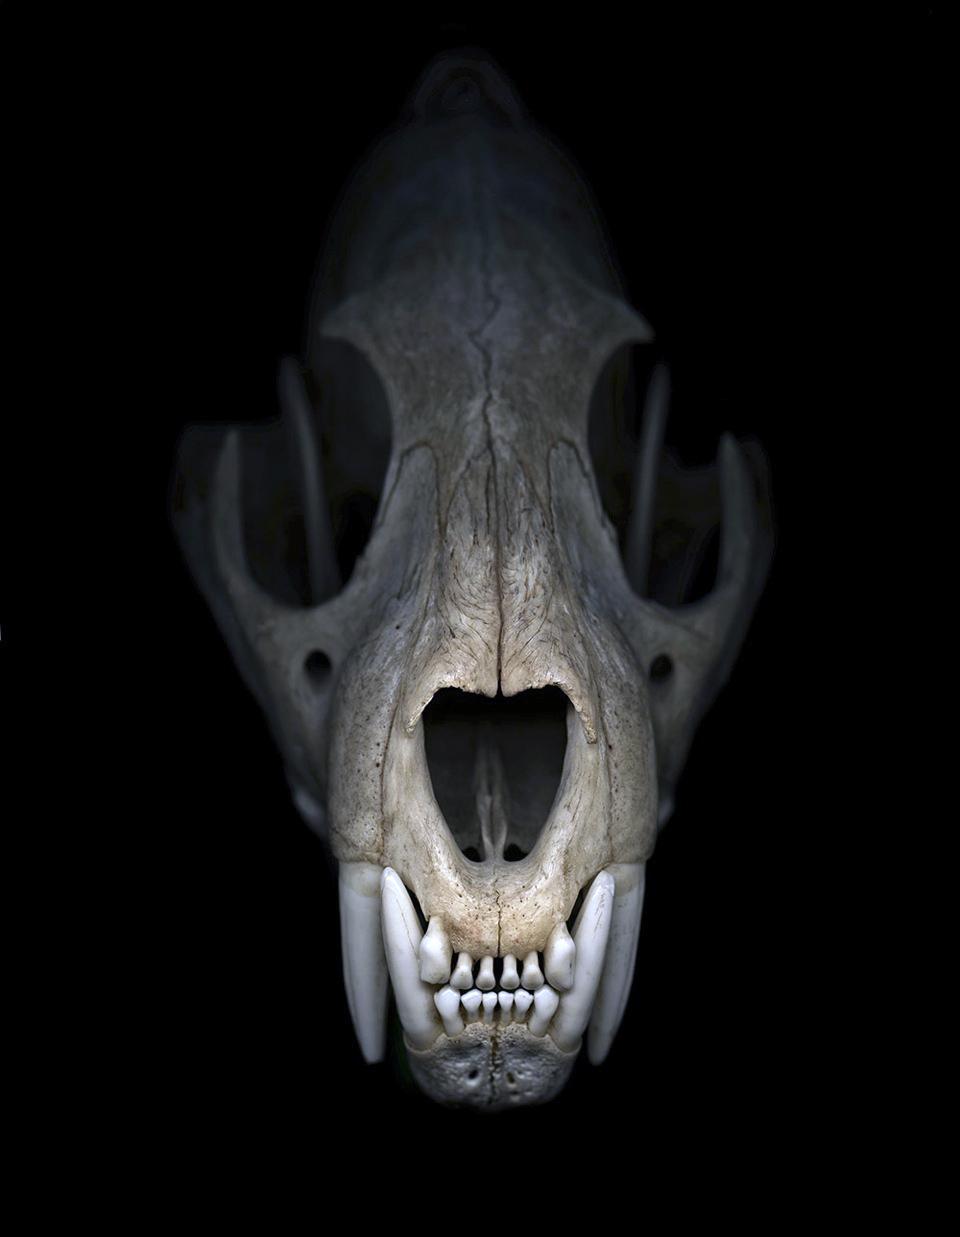 Greg Elms Cheetah skull | Art Blart